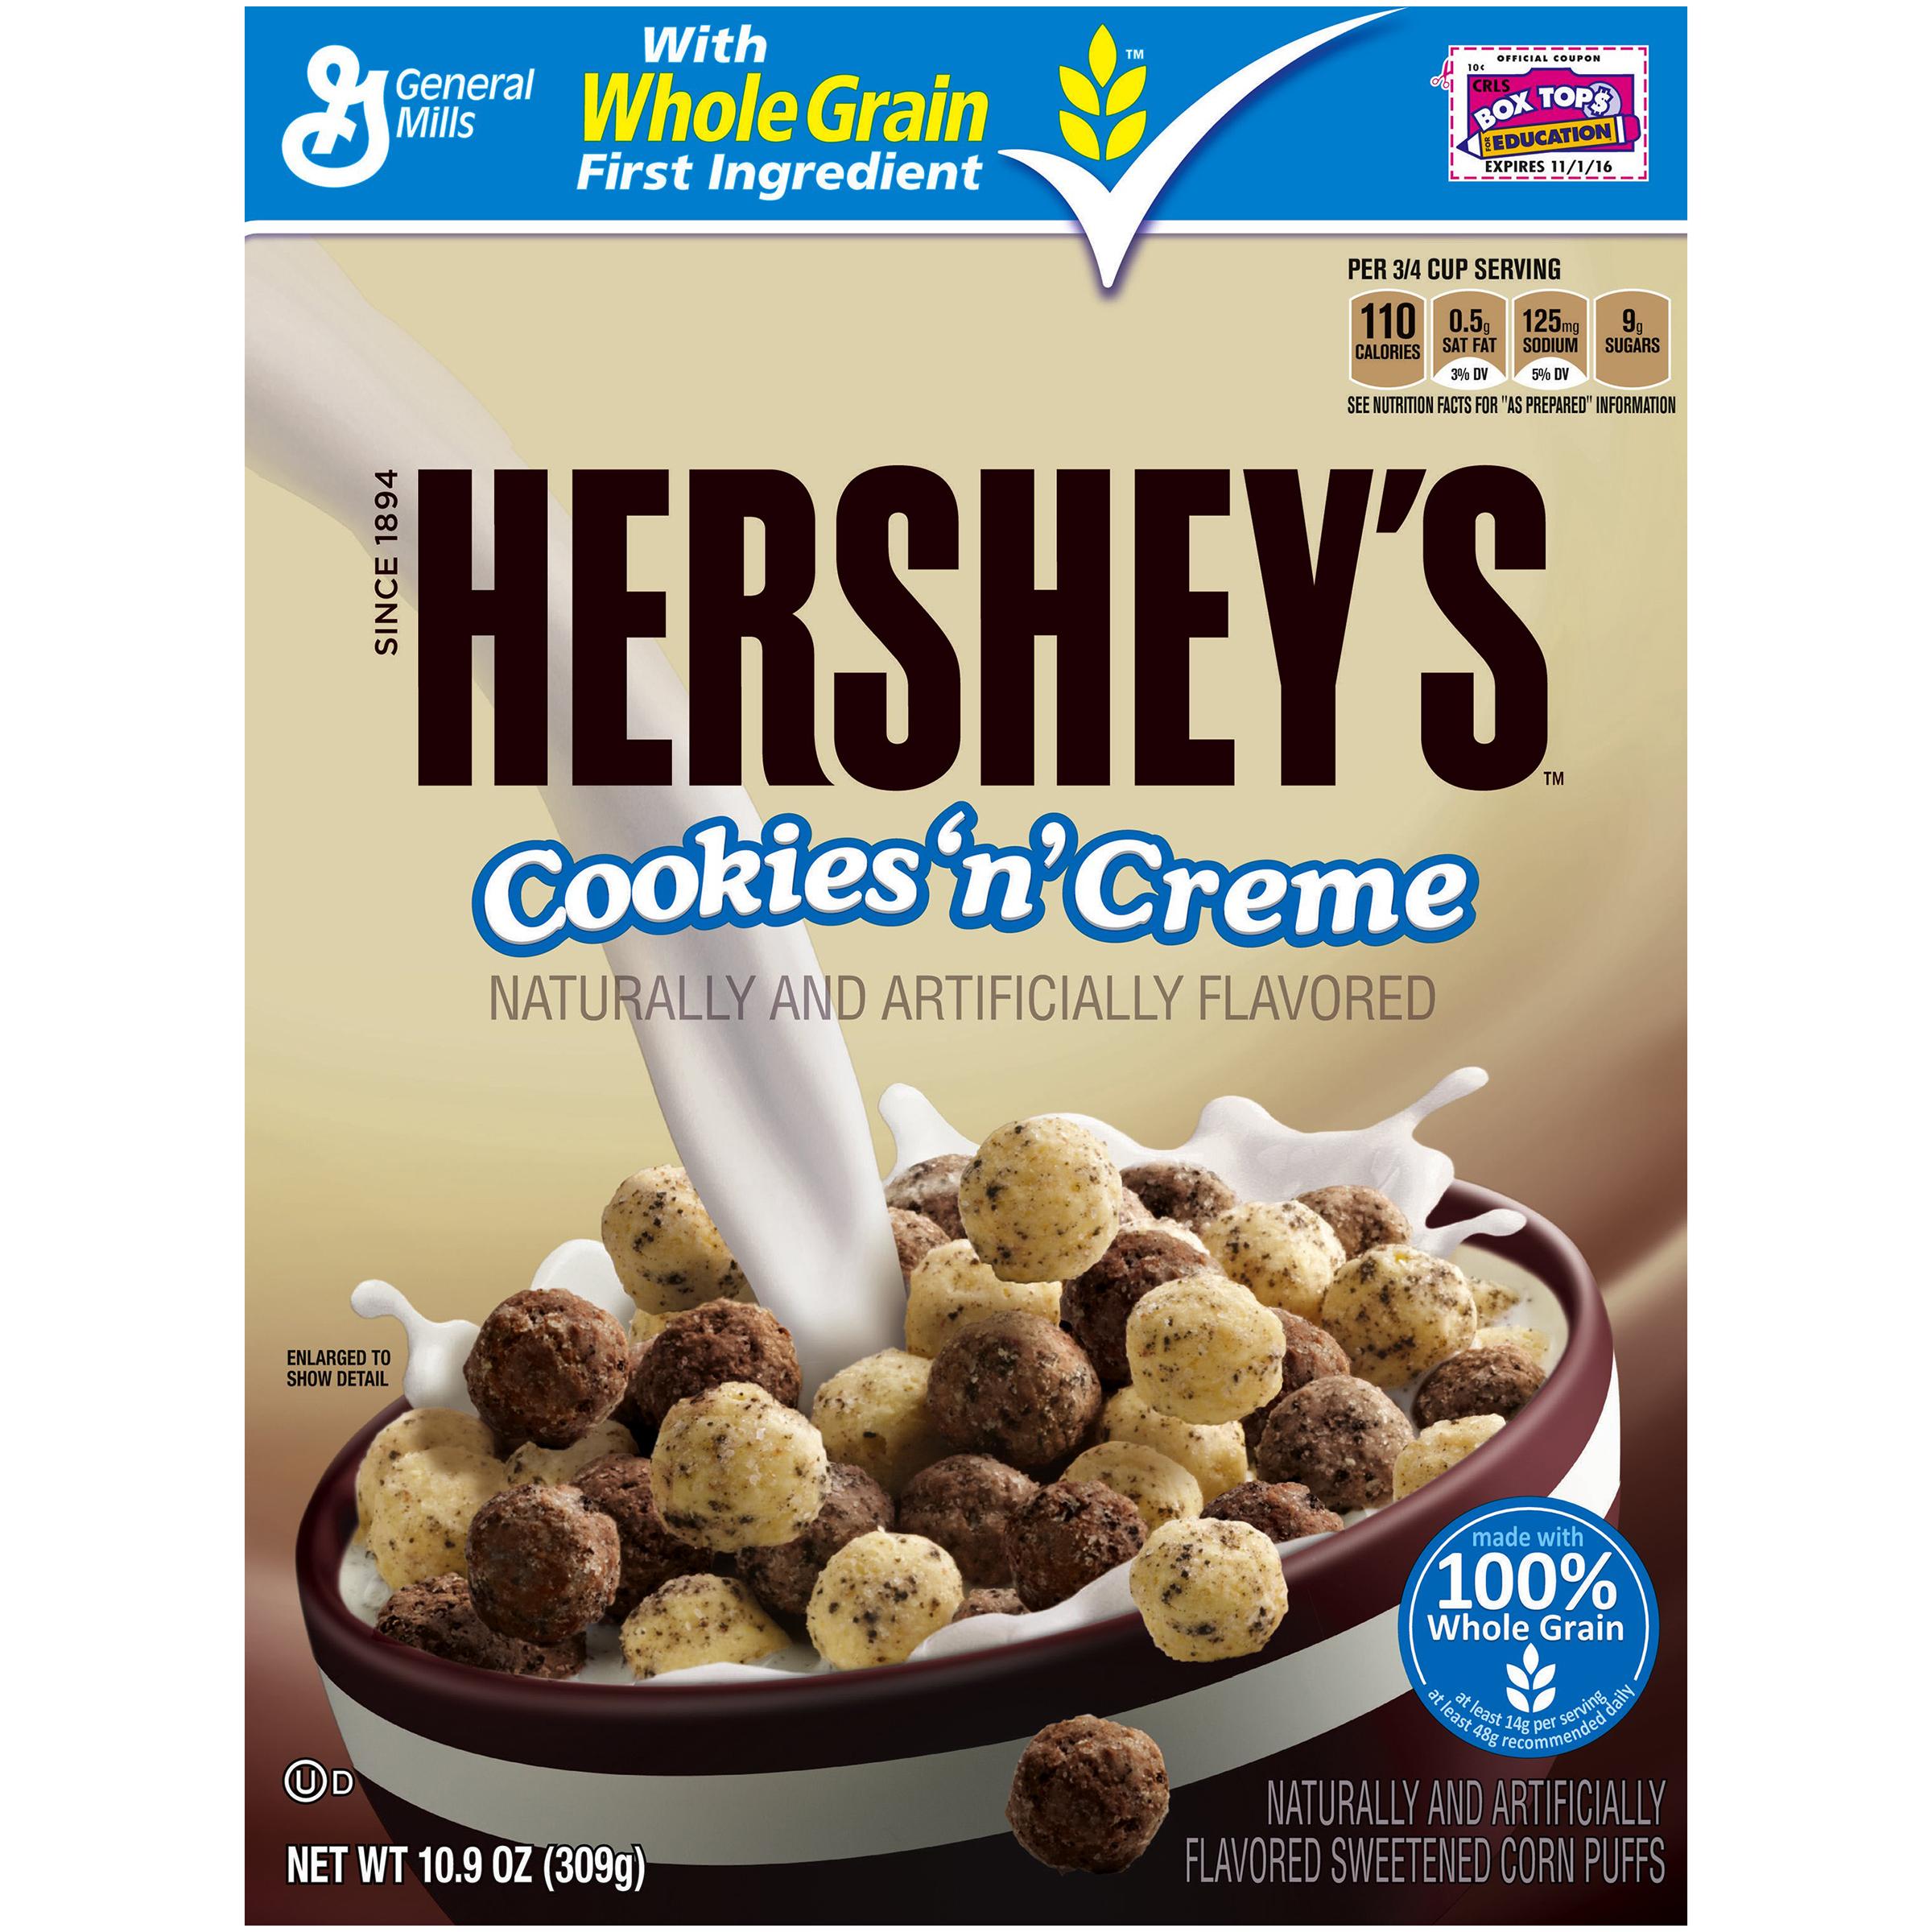 Cookies n creme Cereal!